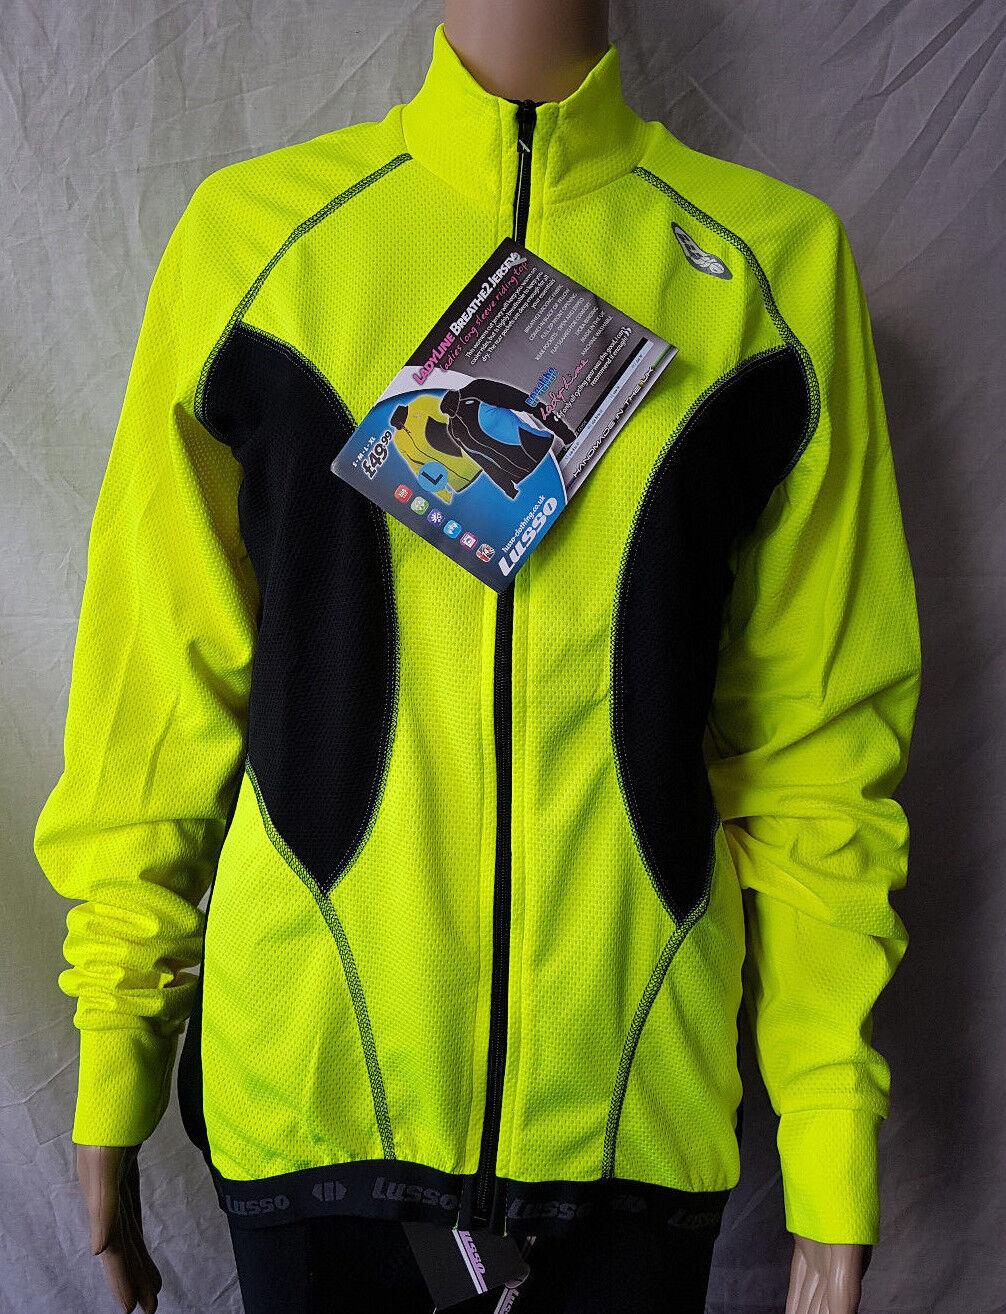 Lusso LadyLine Breathe2 Women's Long Sleeve  Jersey Yellow bluee L-XL RRP .99